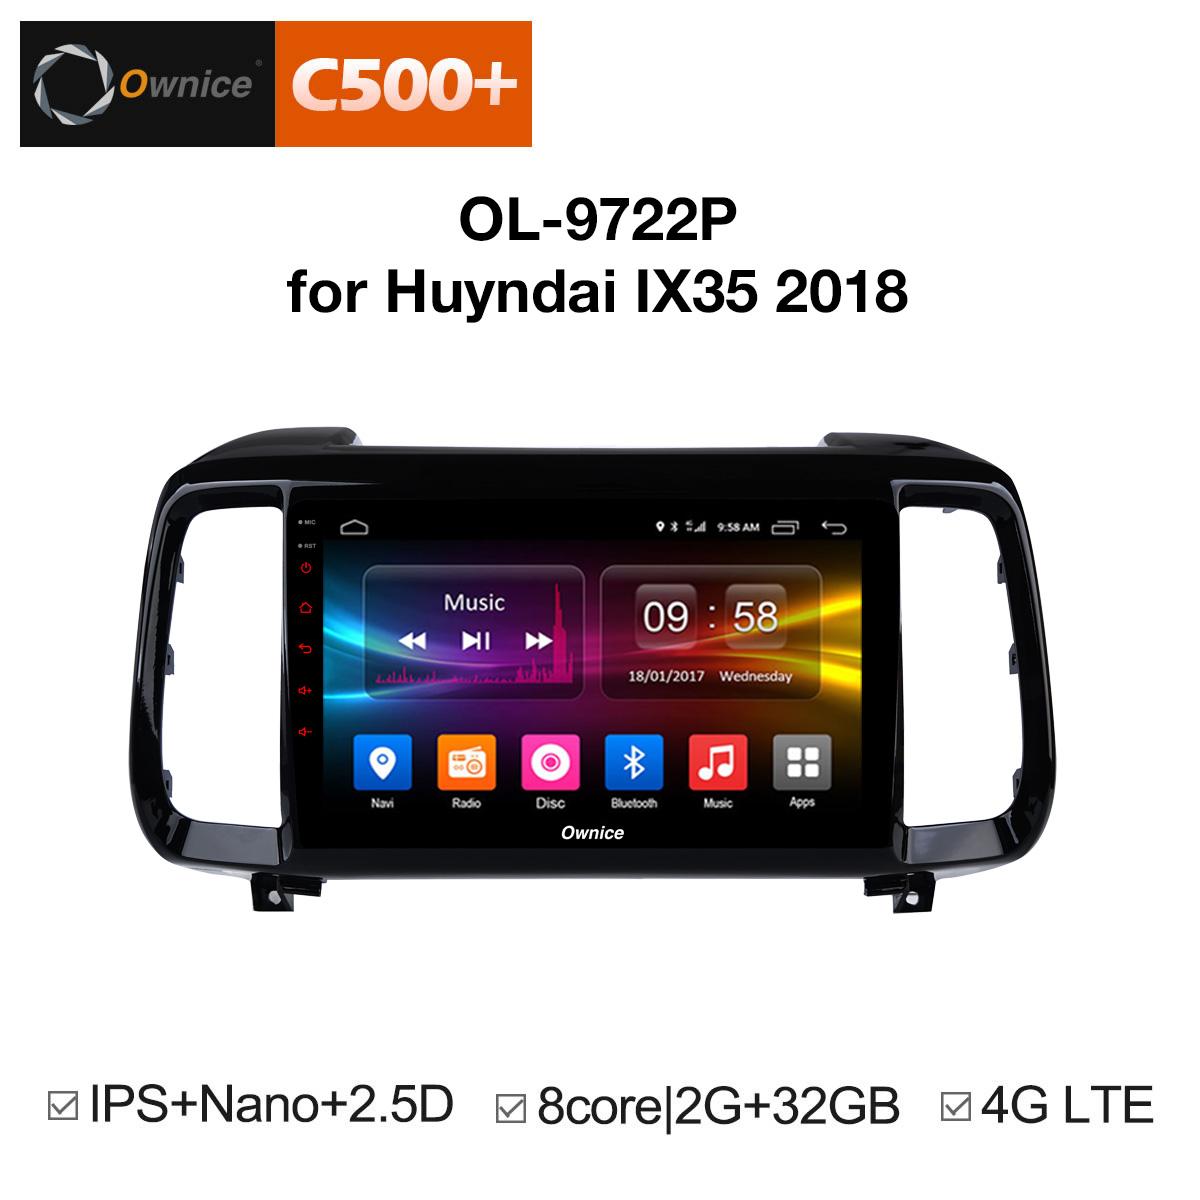 Đầu android C500+ theo xe Hyundai IX35 2018 :: OL-9722P